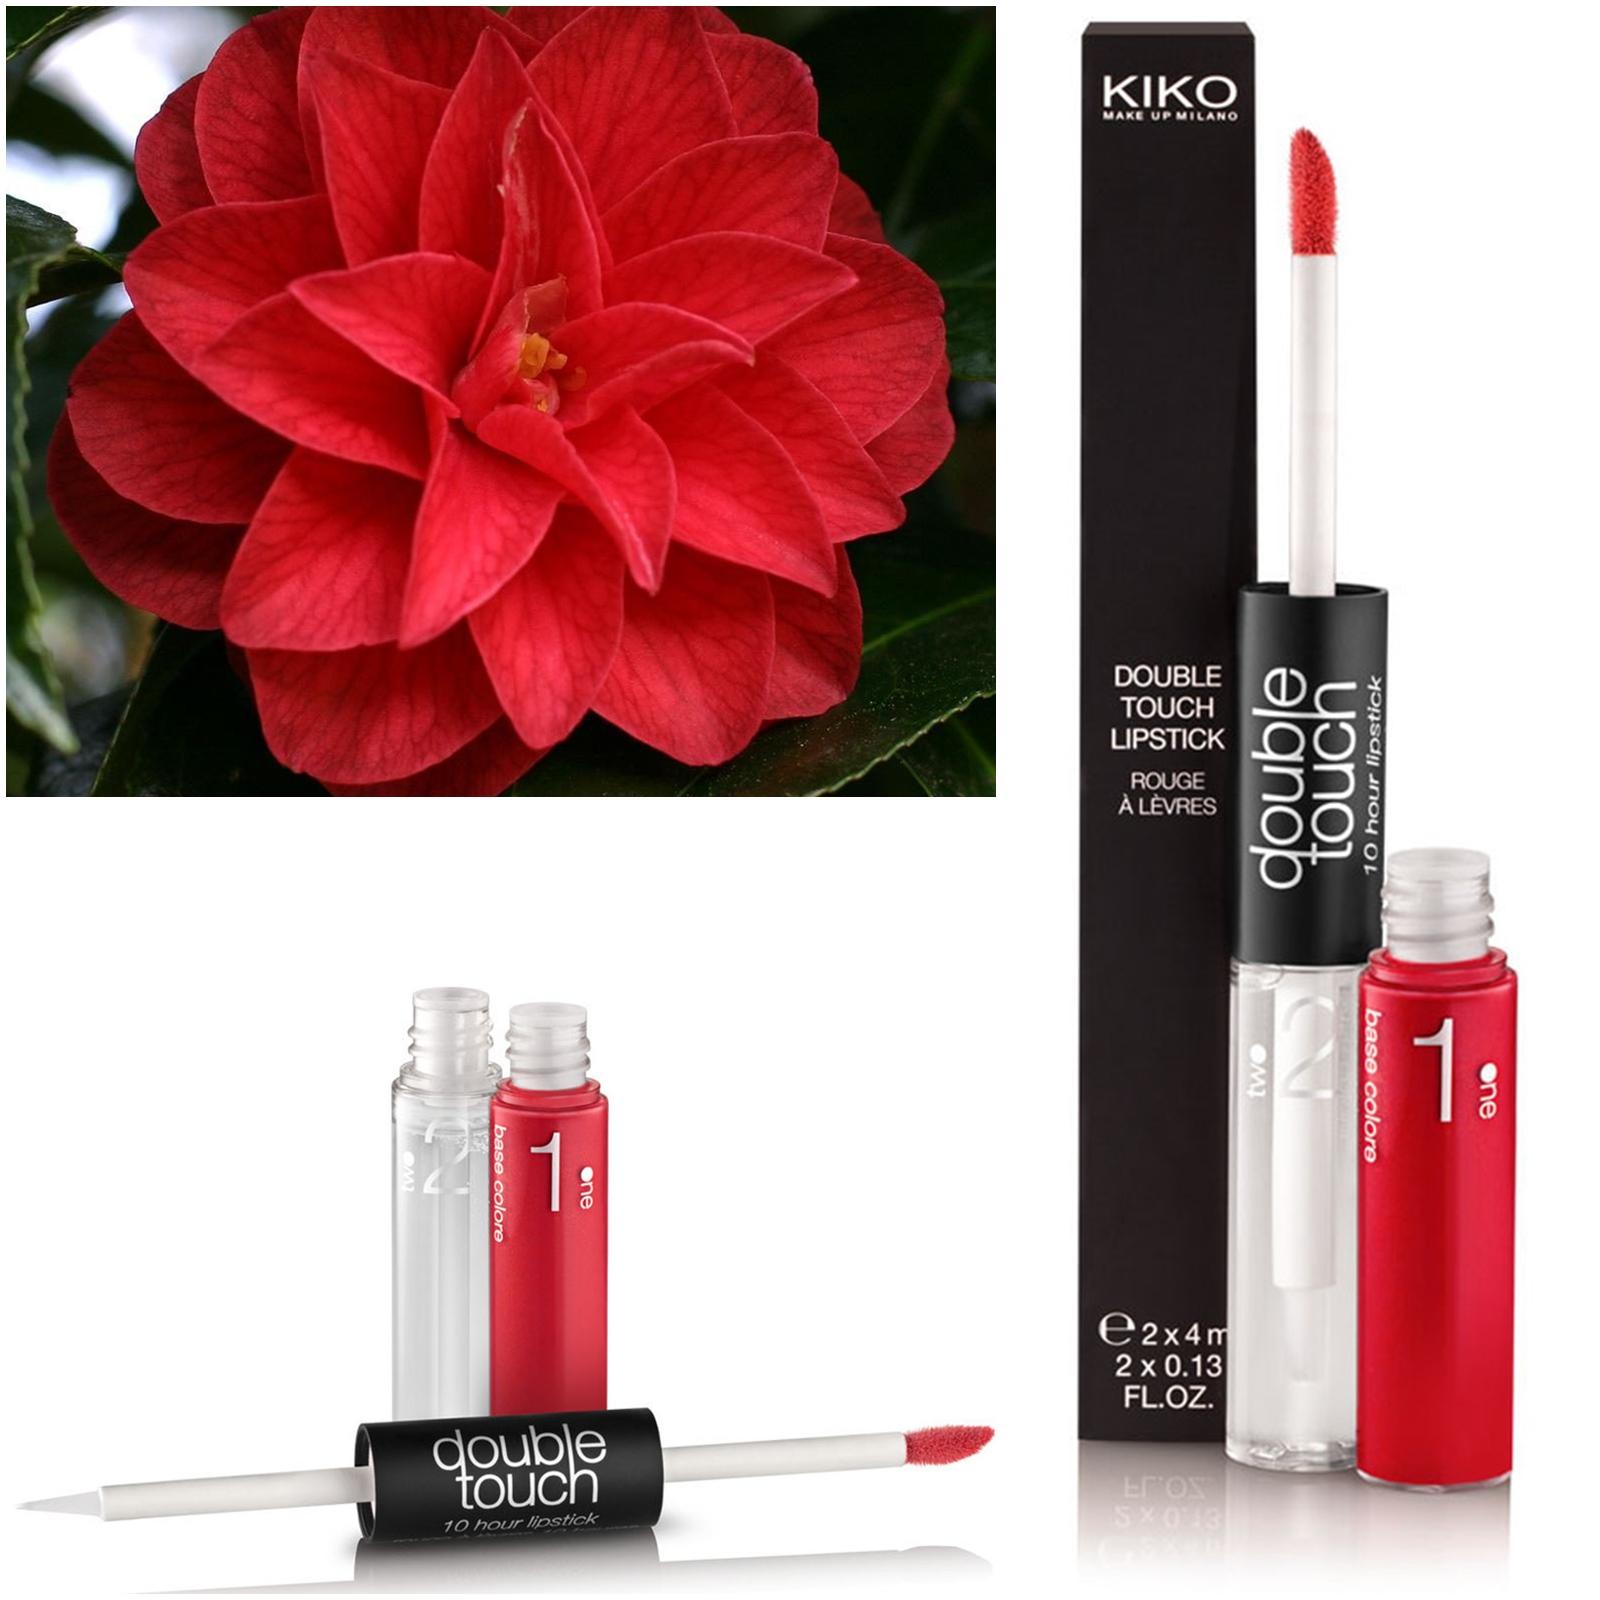 resenhas-batom-double-touch-kiko-cosmetics-nathália-ferrara-4